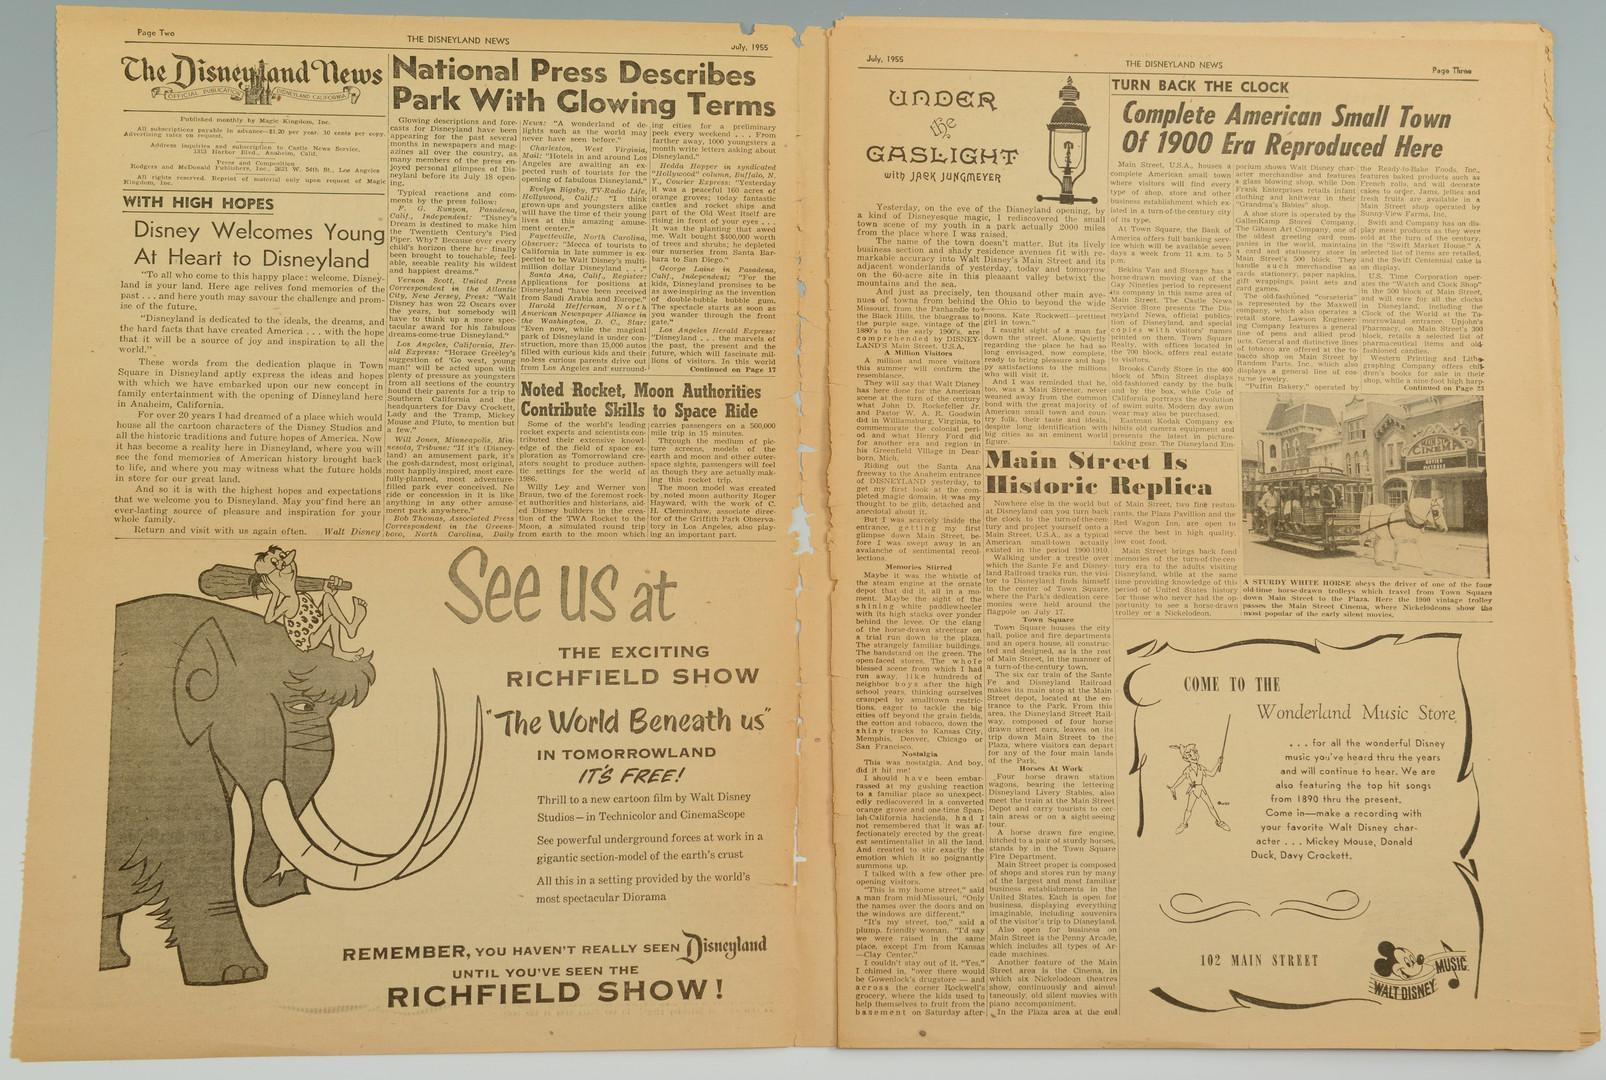 Lot 913: 1955 Disneyland News, Vol. 1, Num. 1